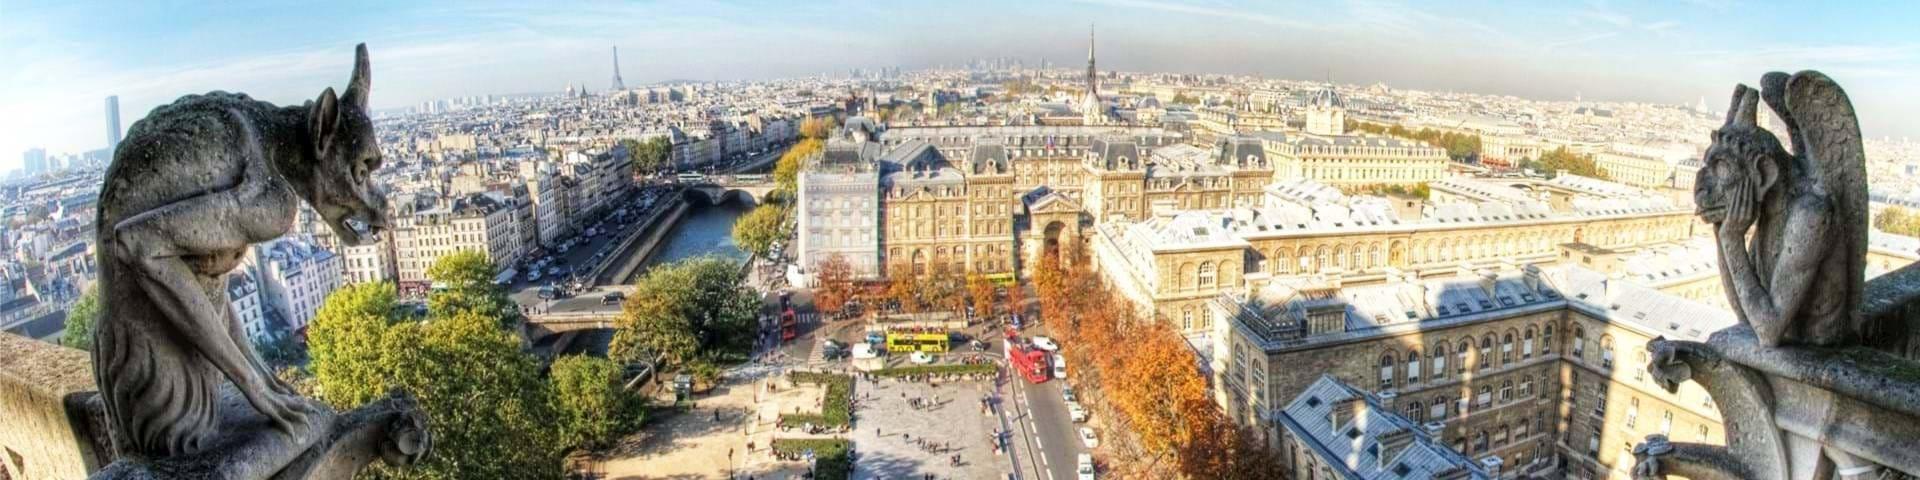 Notre Dame Tours